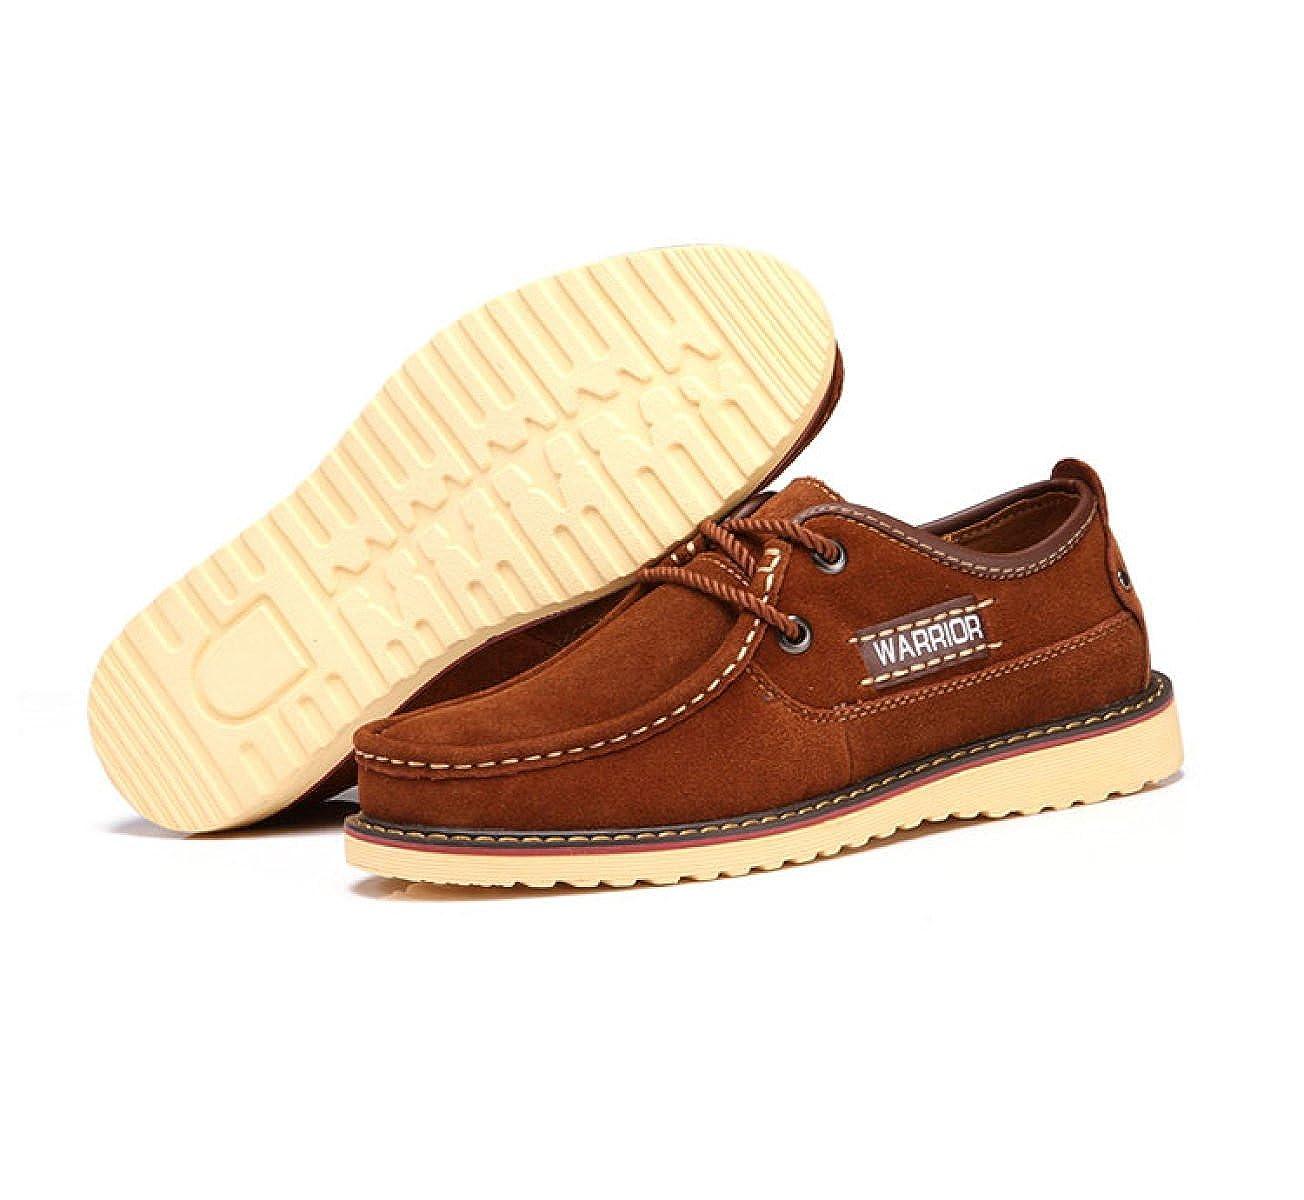 OEMPD Herren Schuhe Fashion Casual Echtes Leder Schuhe Herren Trend Gebürstet Braun 3771c3